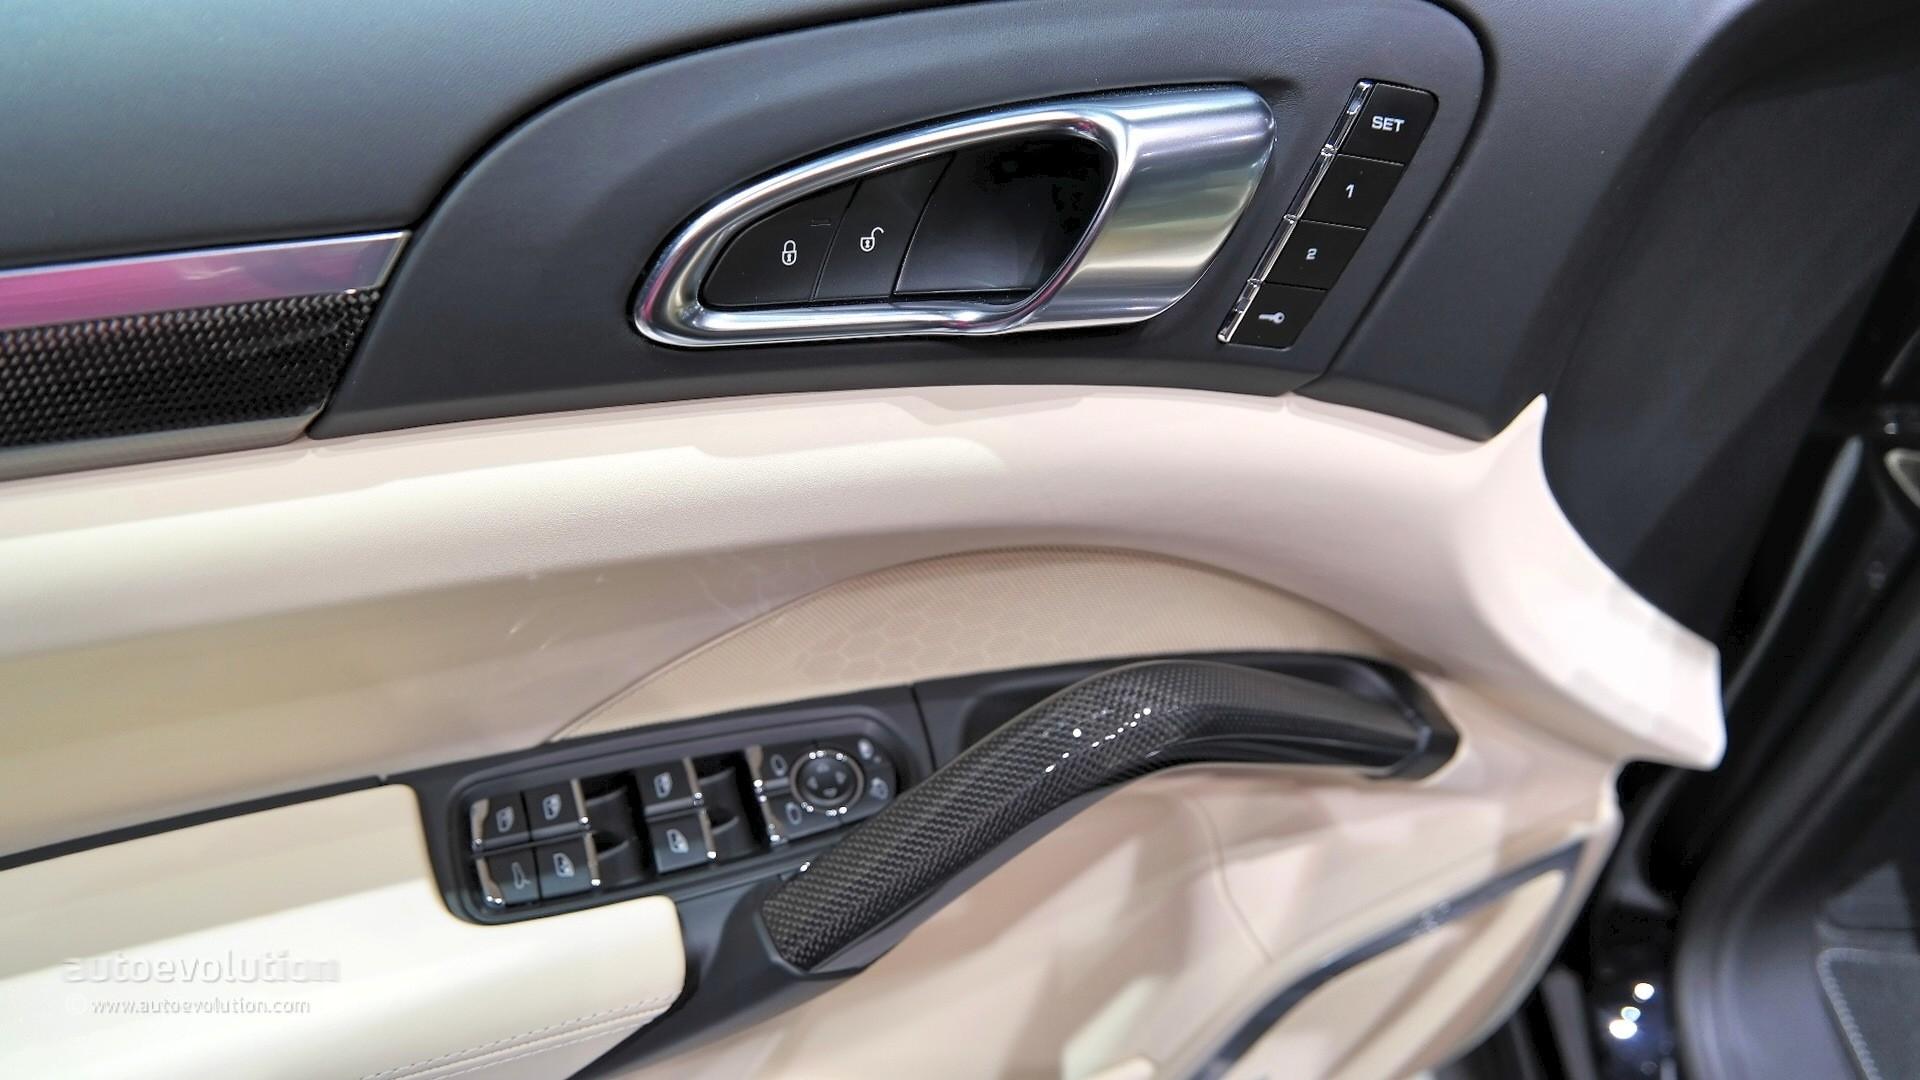 2015 porsche cayenne turbo s facelift surprise unveiling in detroit live photos autoevolution - 2016 Porsche Cayenne Interior